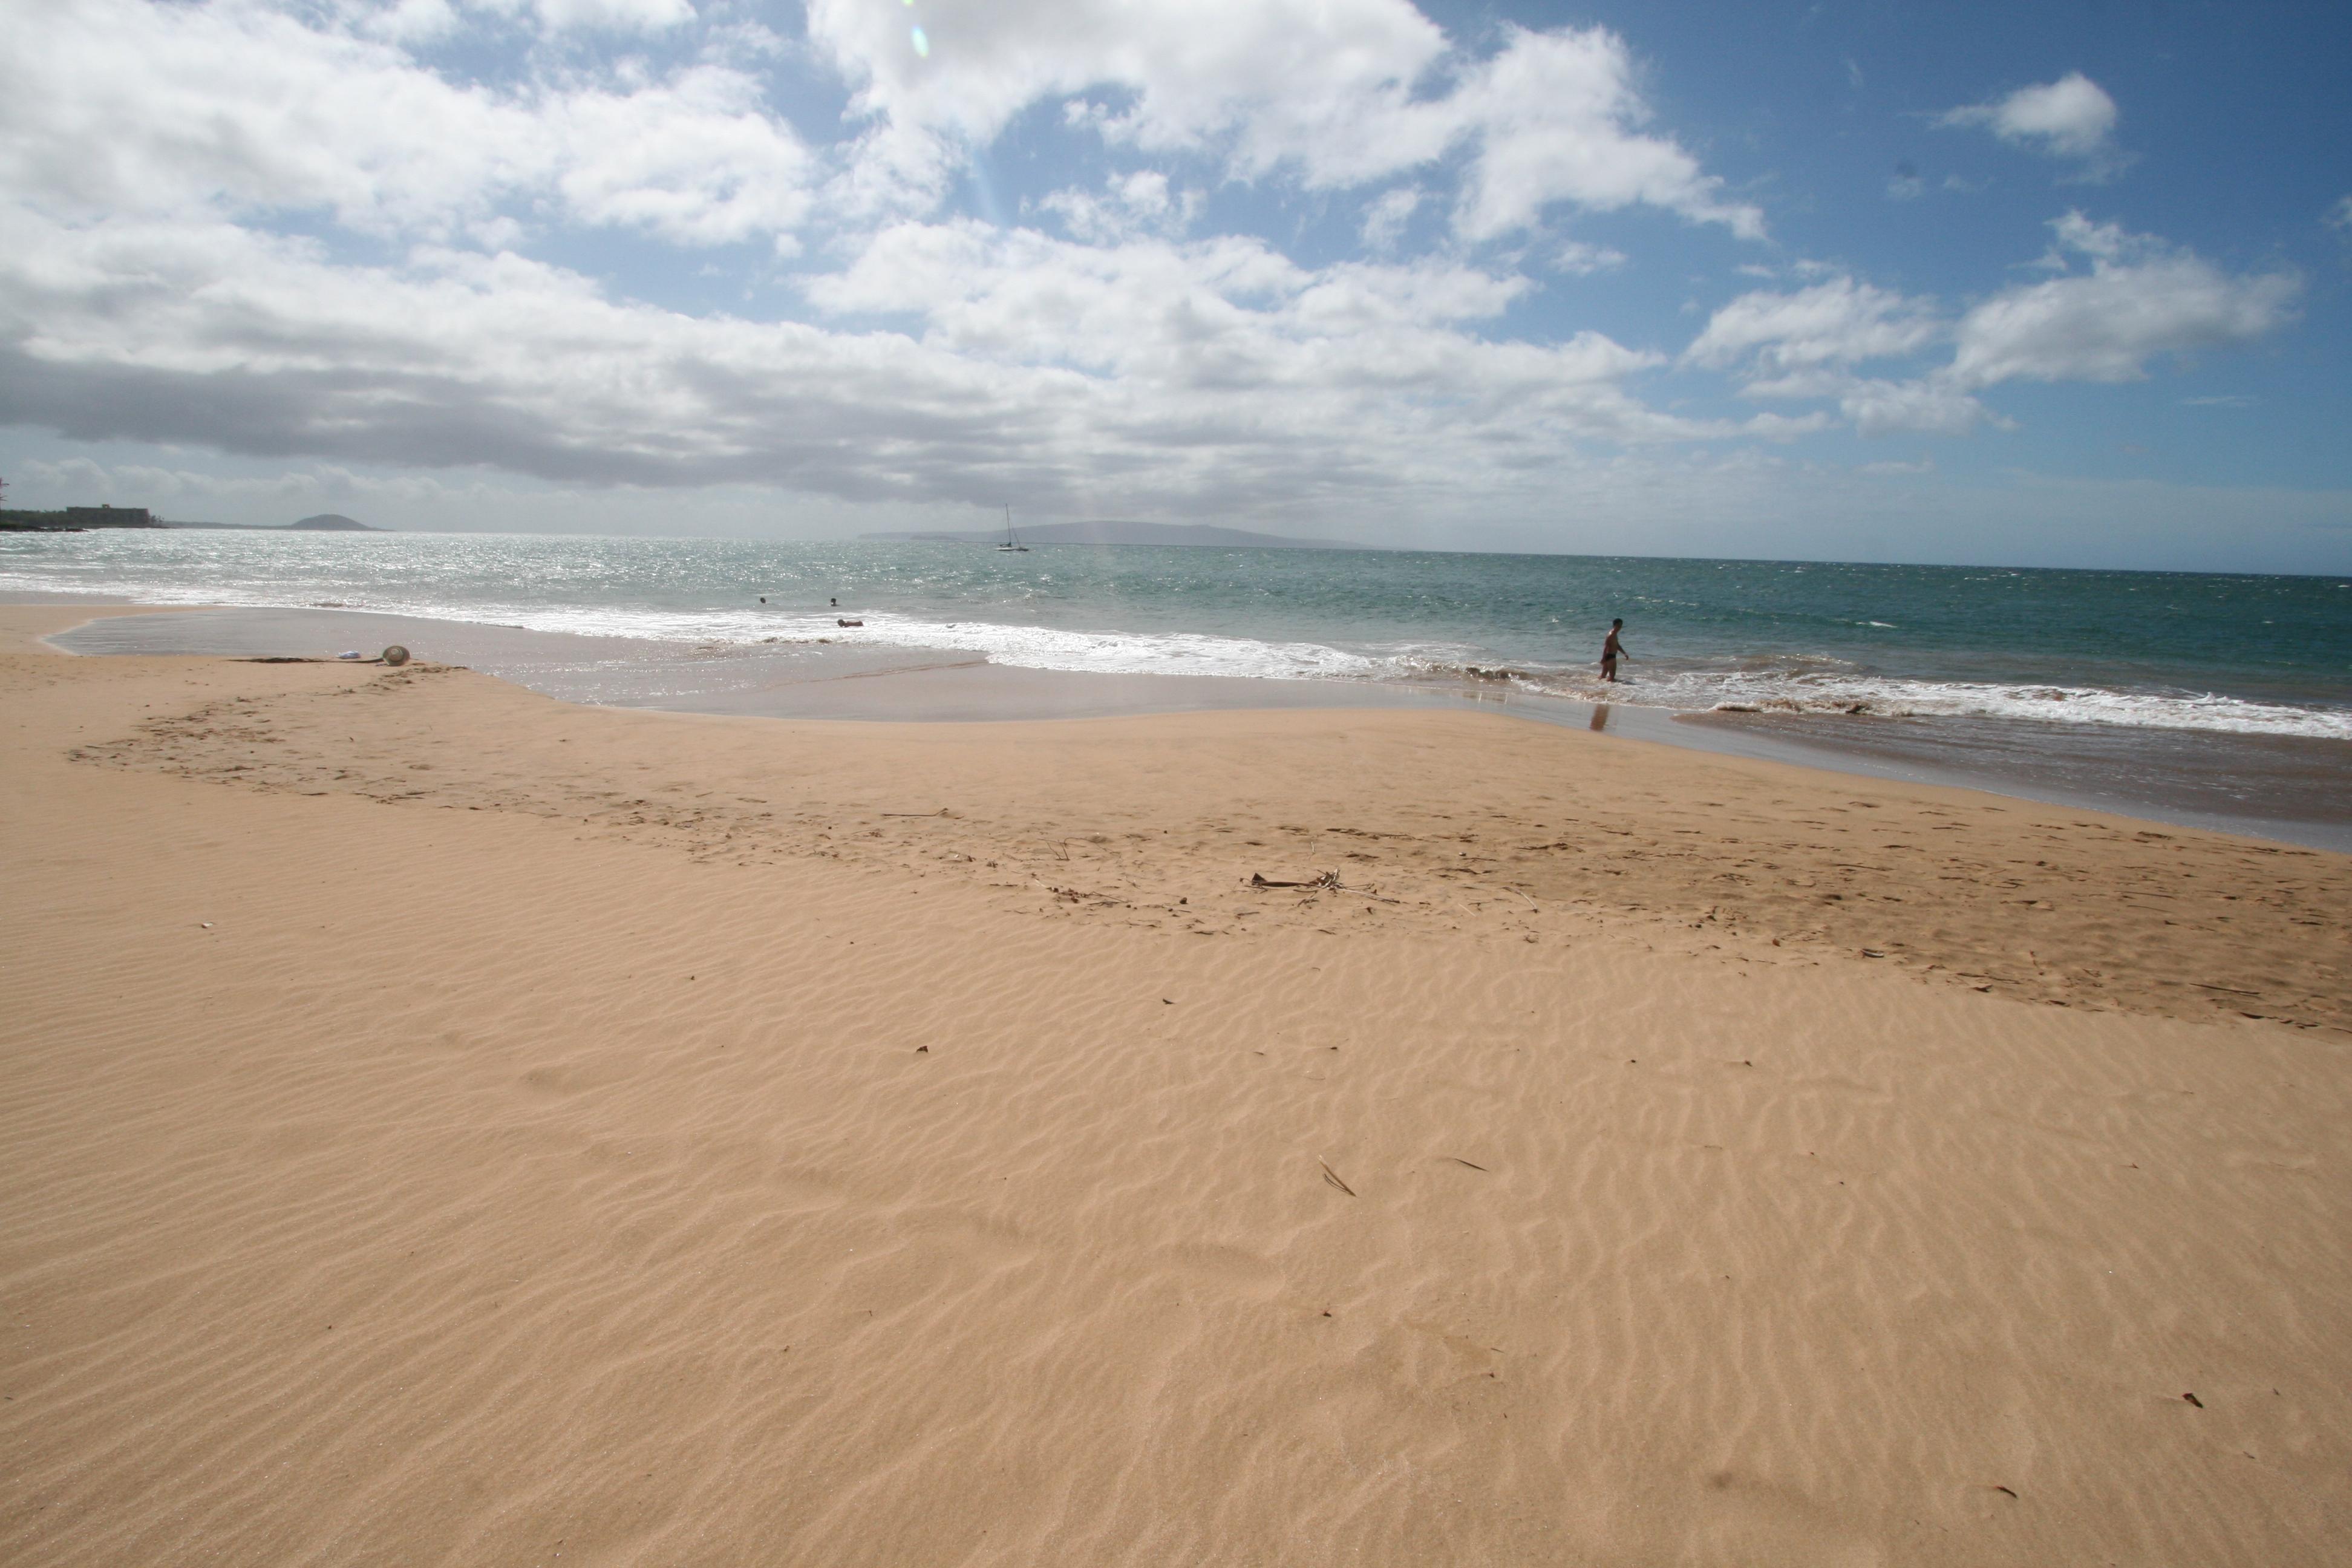 Ocean View Island Surf Vacation Condo Under 350k In Kihei